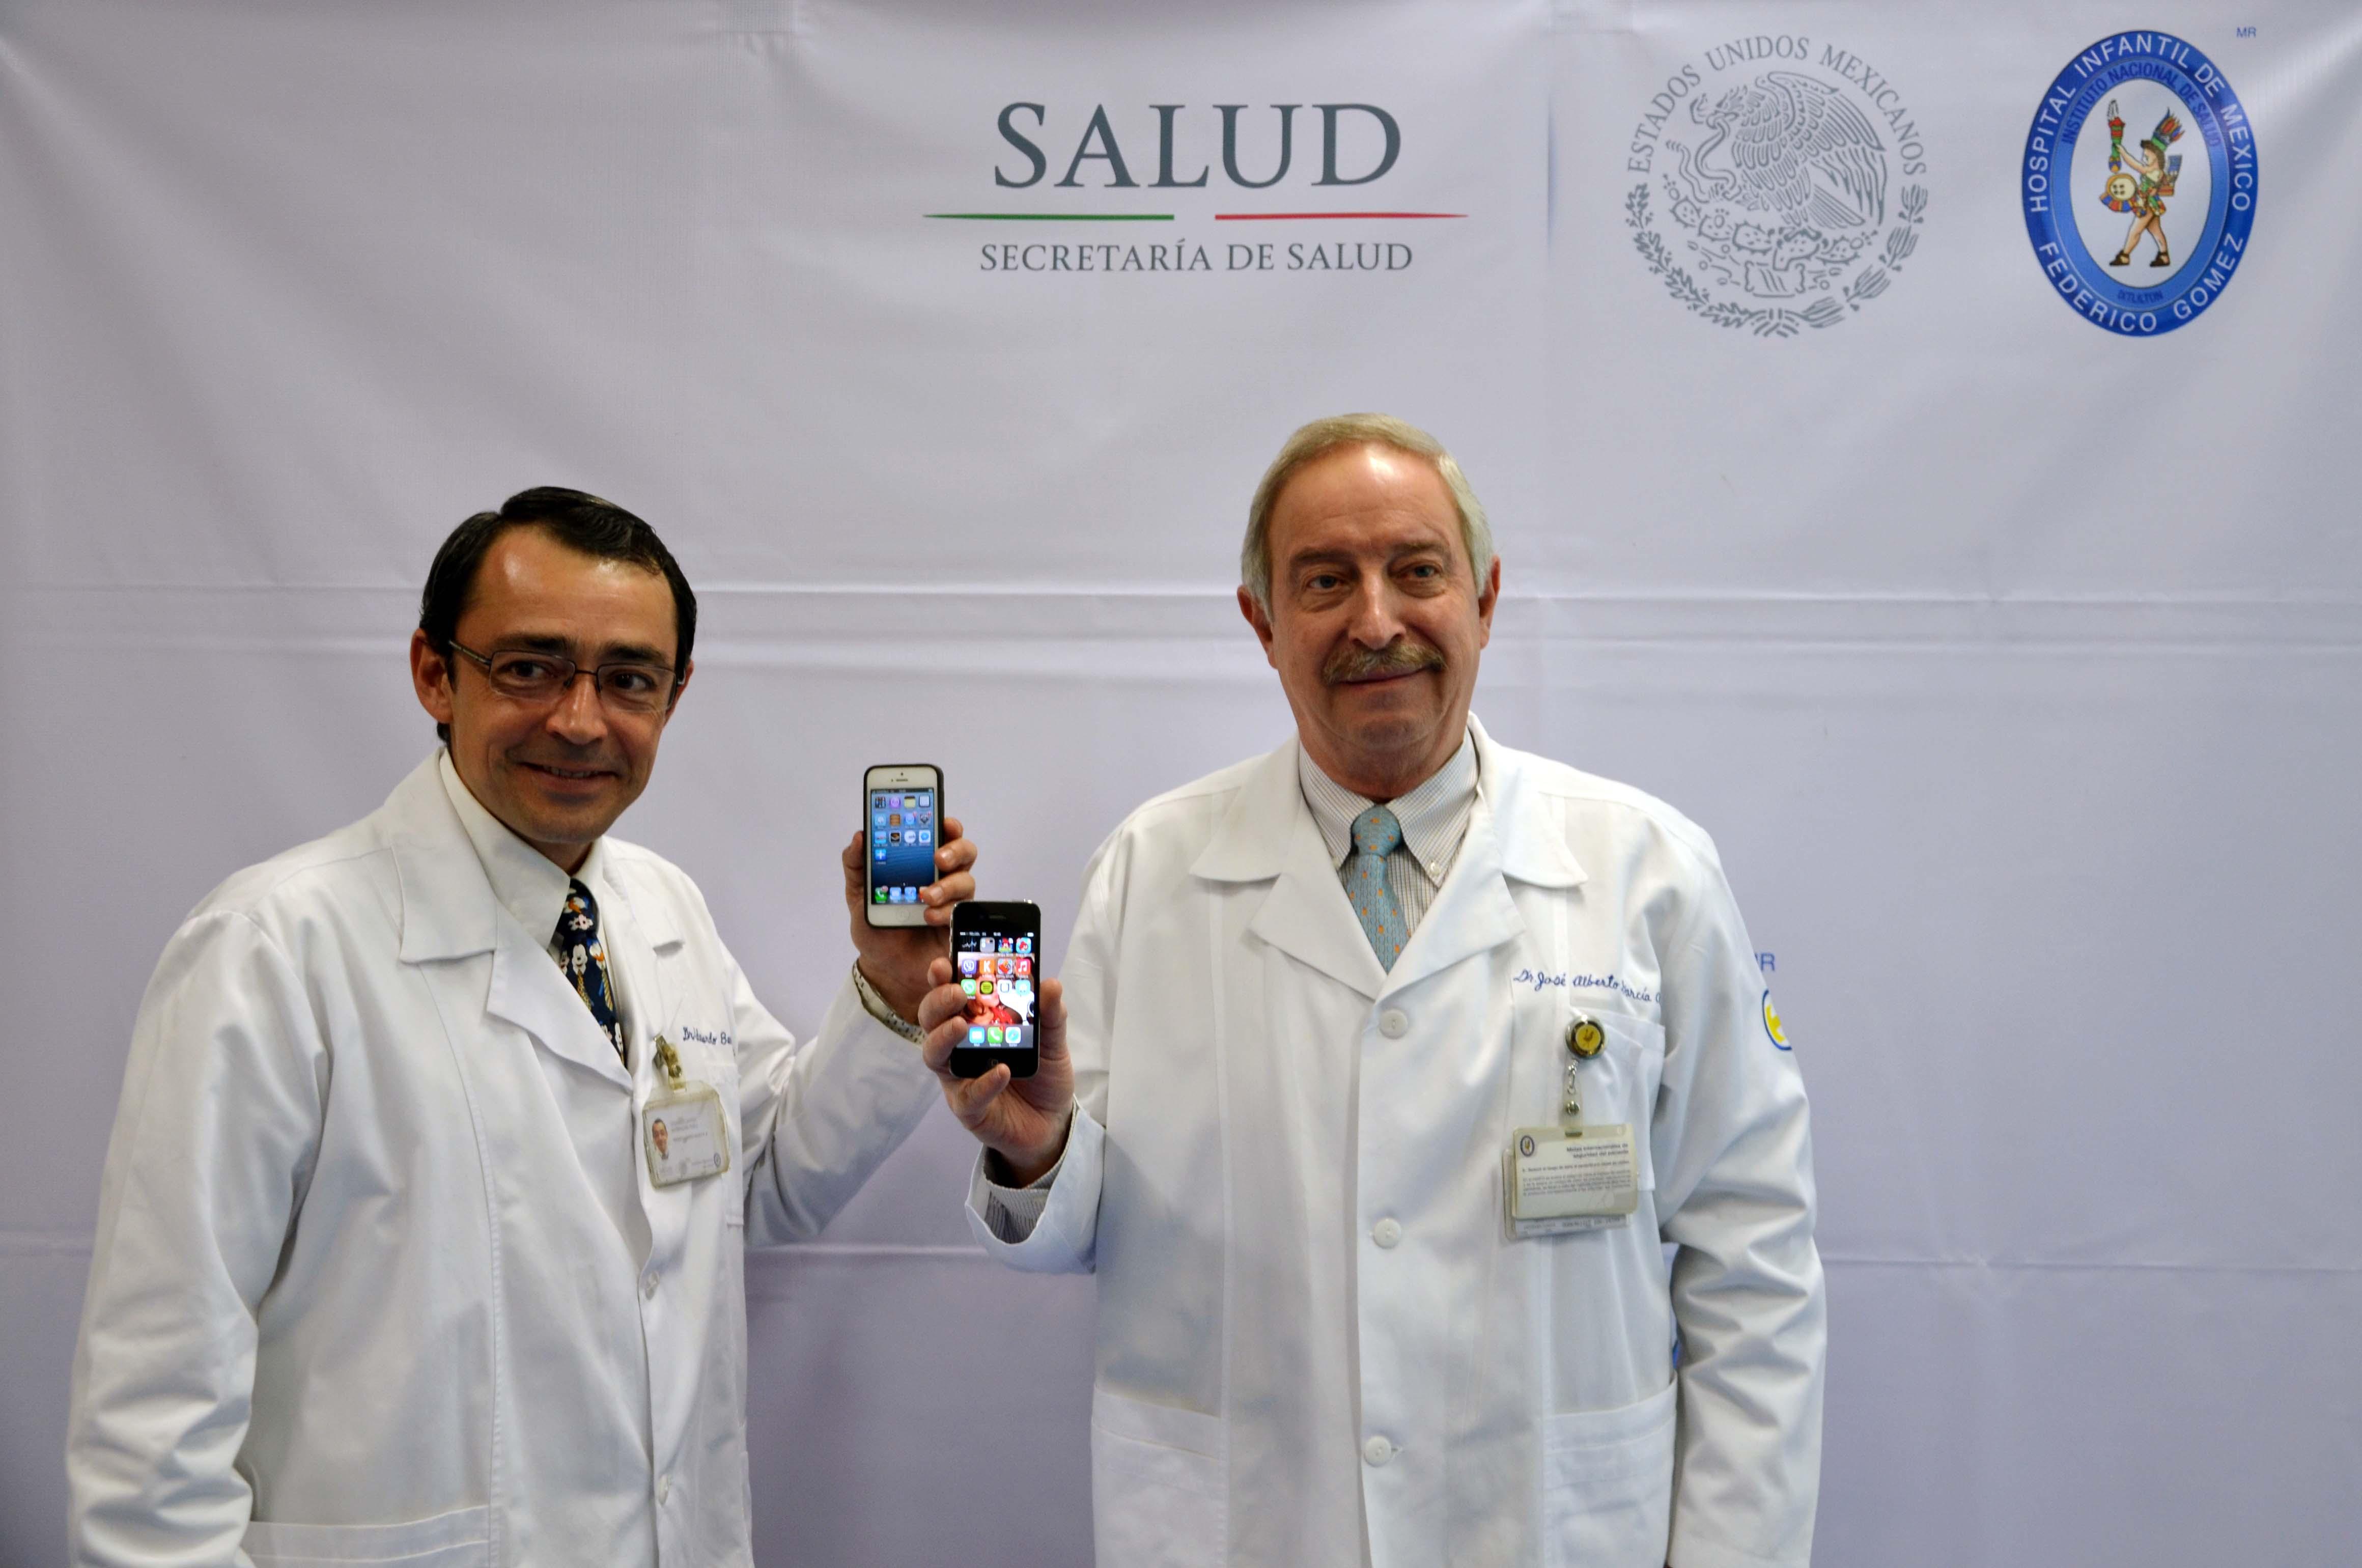 Aplicación móvil en español para pacientes con epilepsia